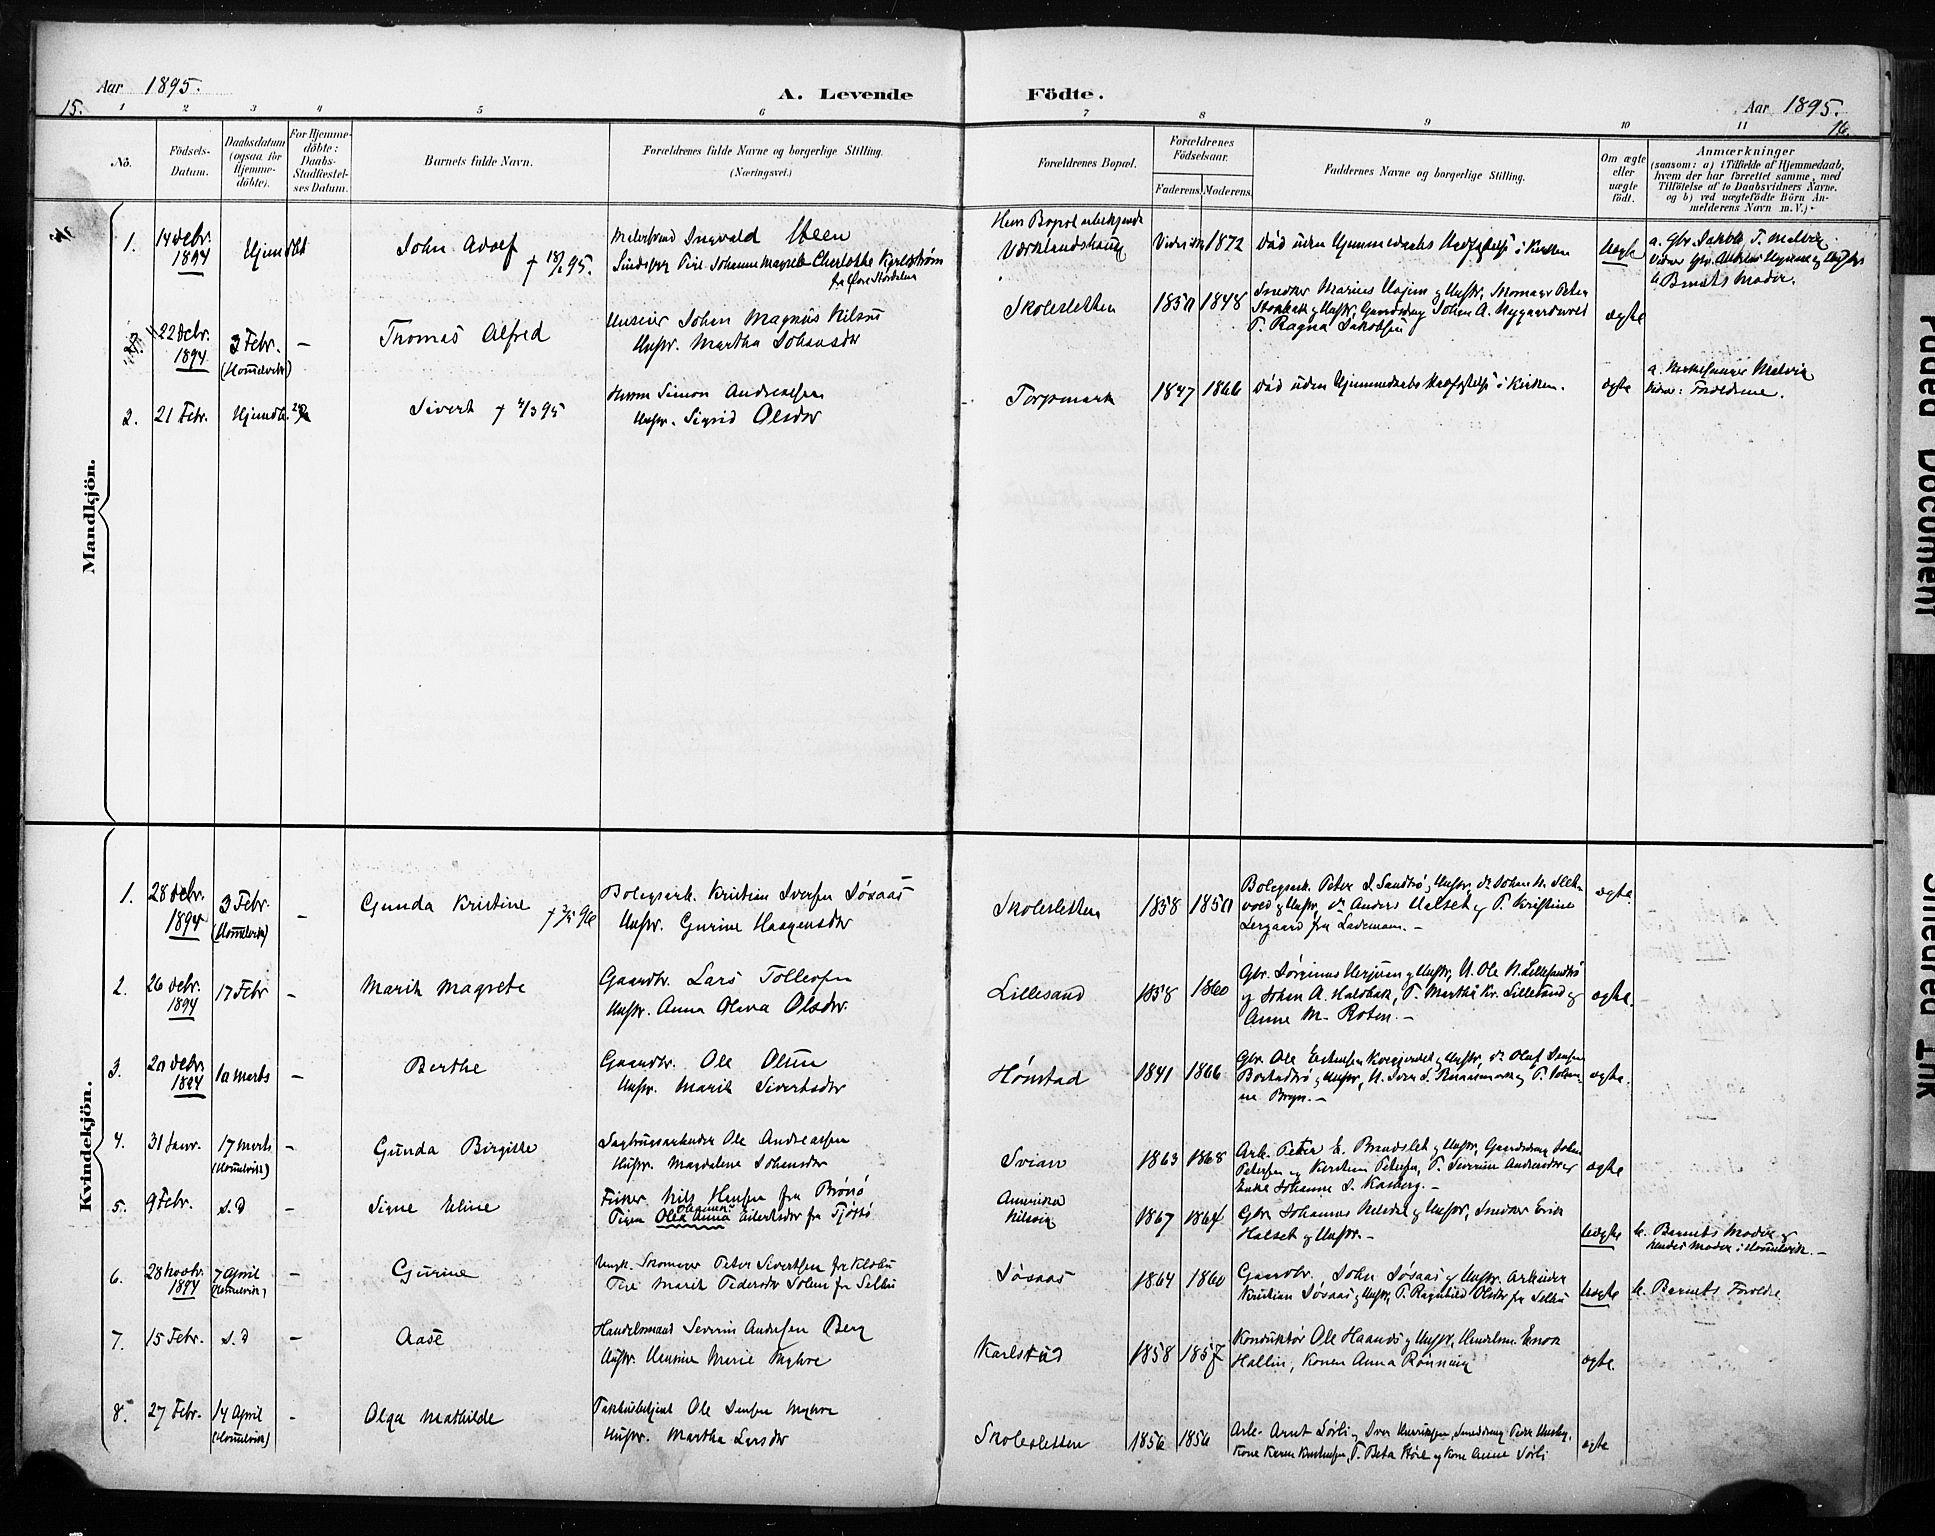 SAT, Ministerialprotokoller, klokkerbøker og fødselsregistre - Sør-Trøndelag, 616/L0411: Ministerialbok nr. 616A08, 1894-1906, s. 15-16